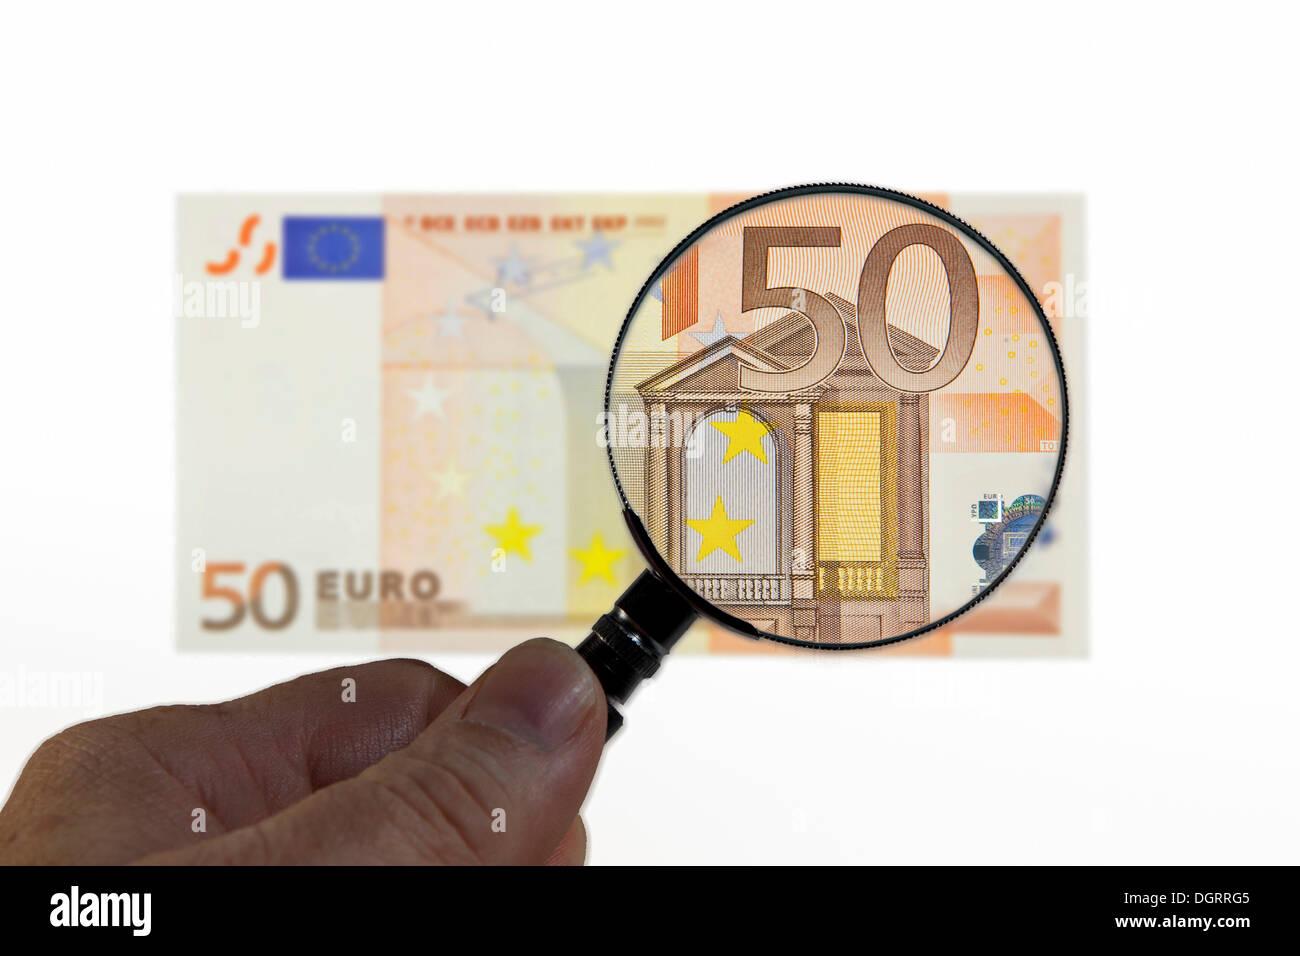 50 euros bajo una lupa, imagen simbólica, la observación del euro Foto de stock